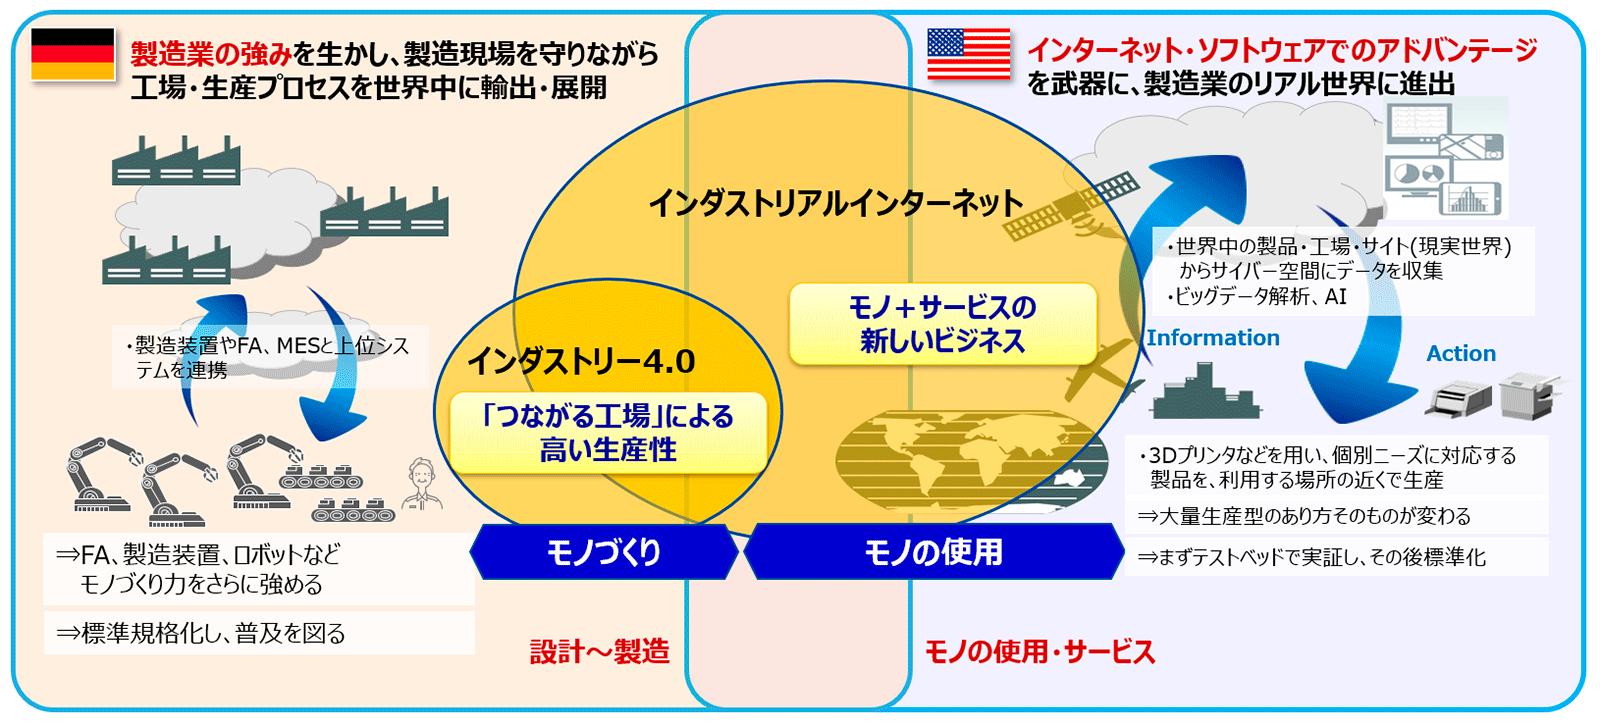 インダストリー4.0とインダストリアルインターネット(著者作成)